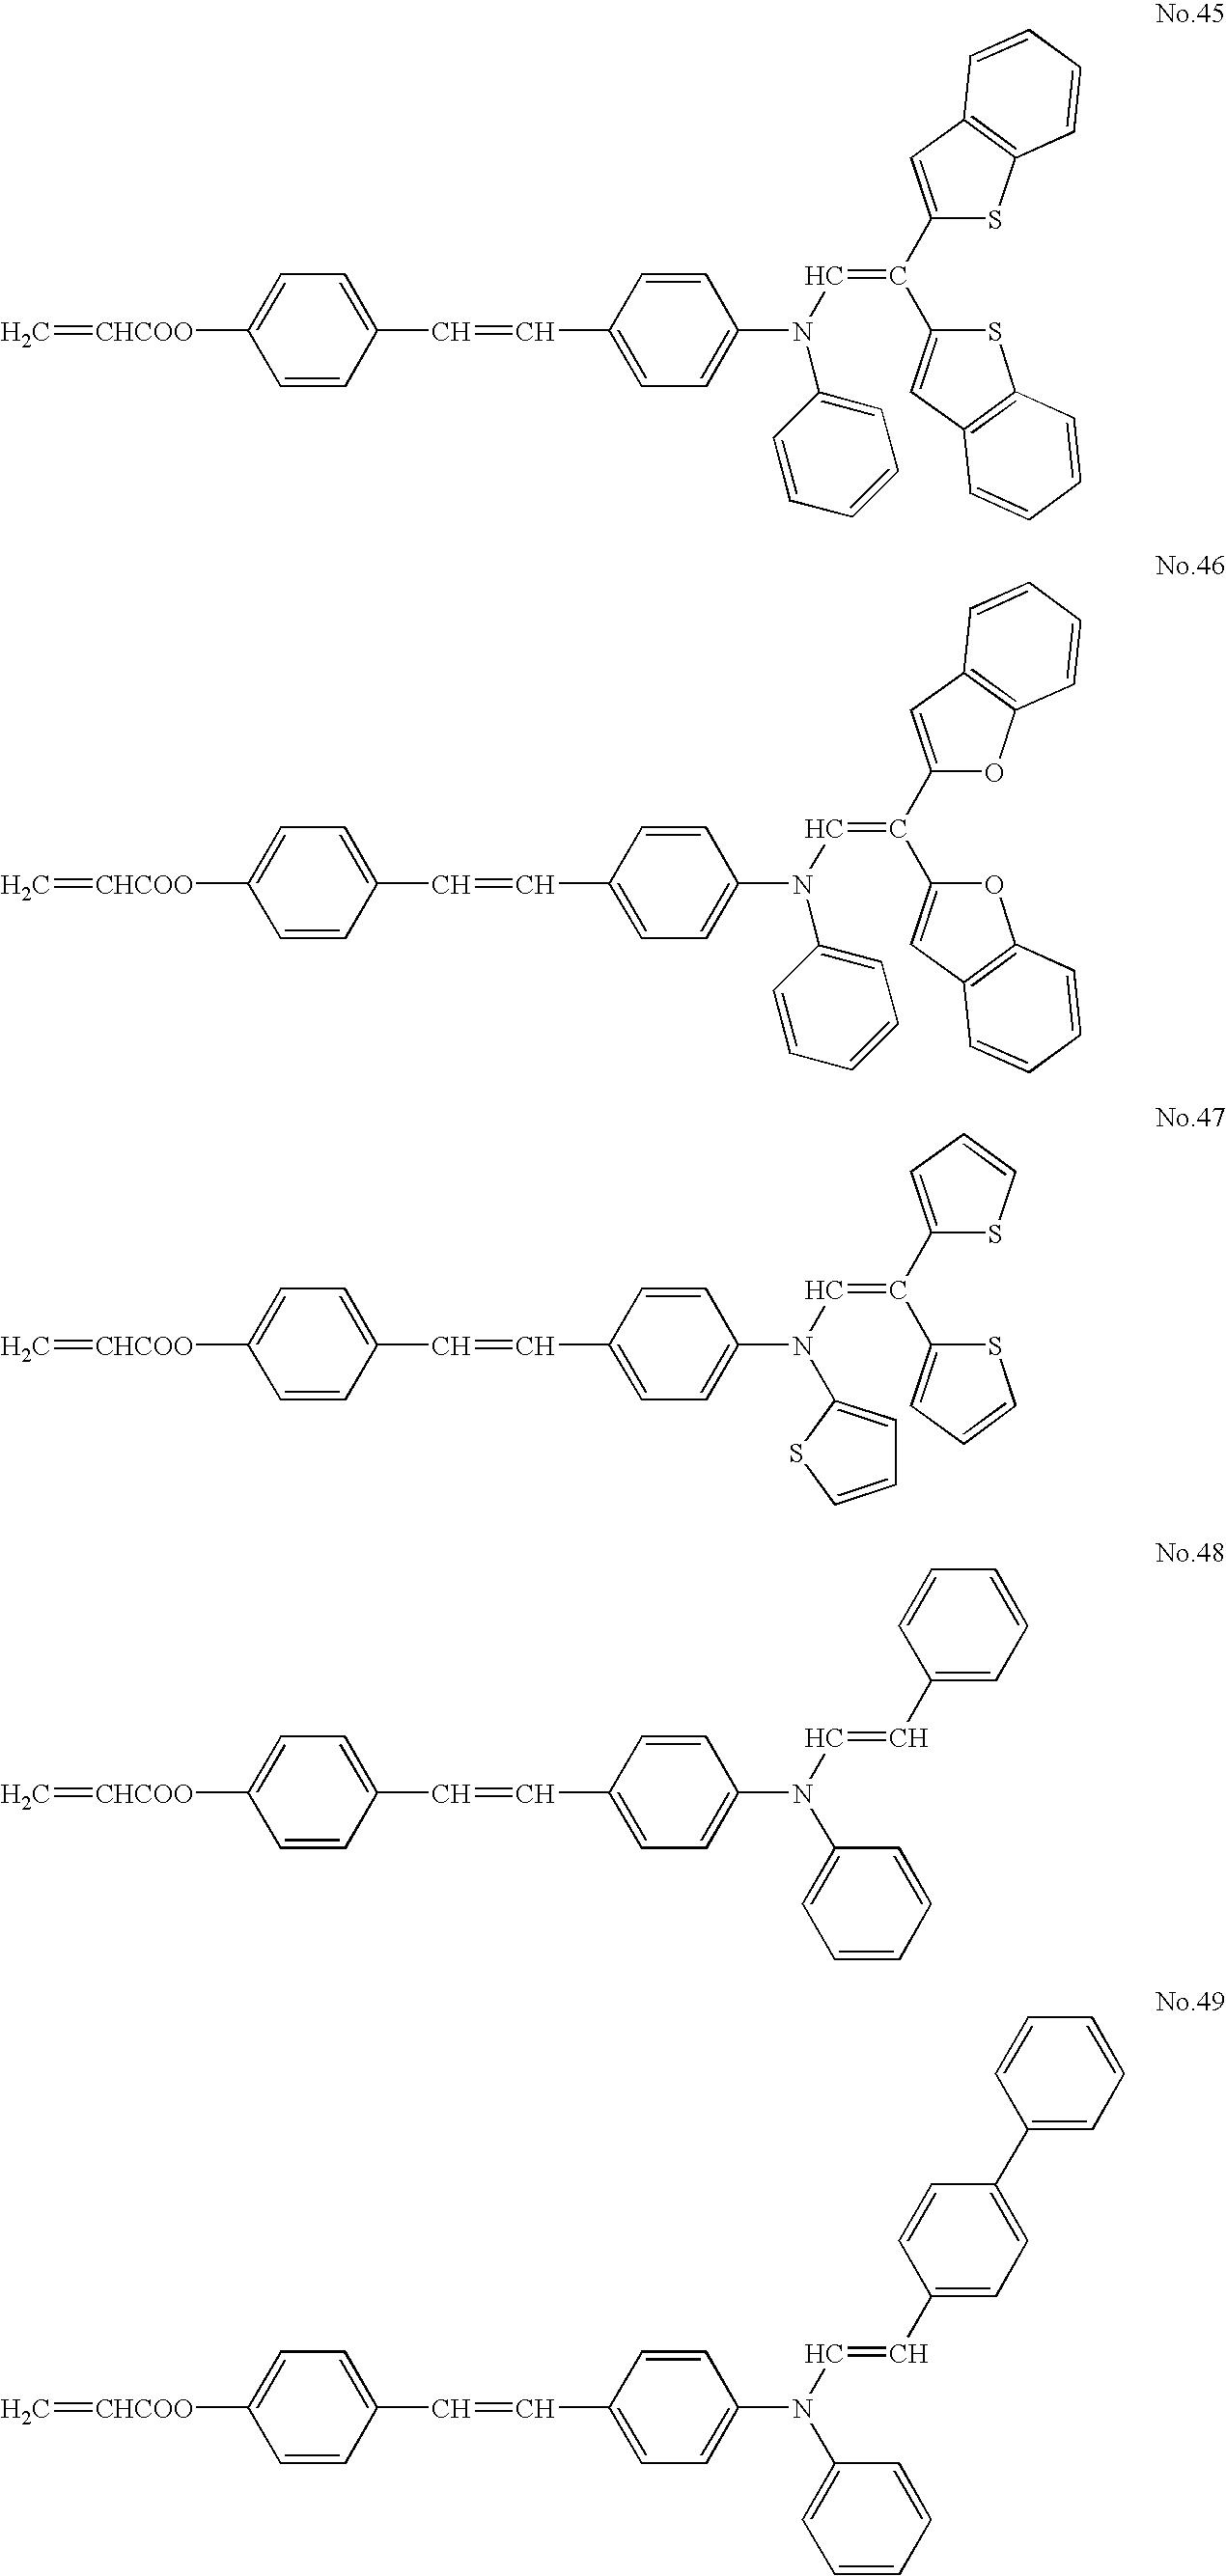 Figure US20060078809A1-20060413-C00015